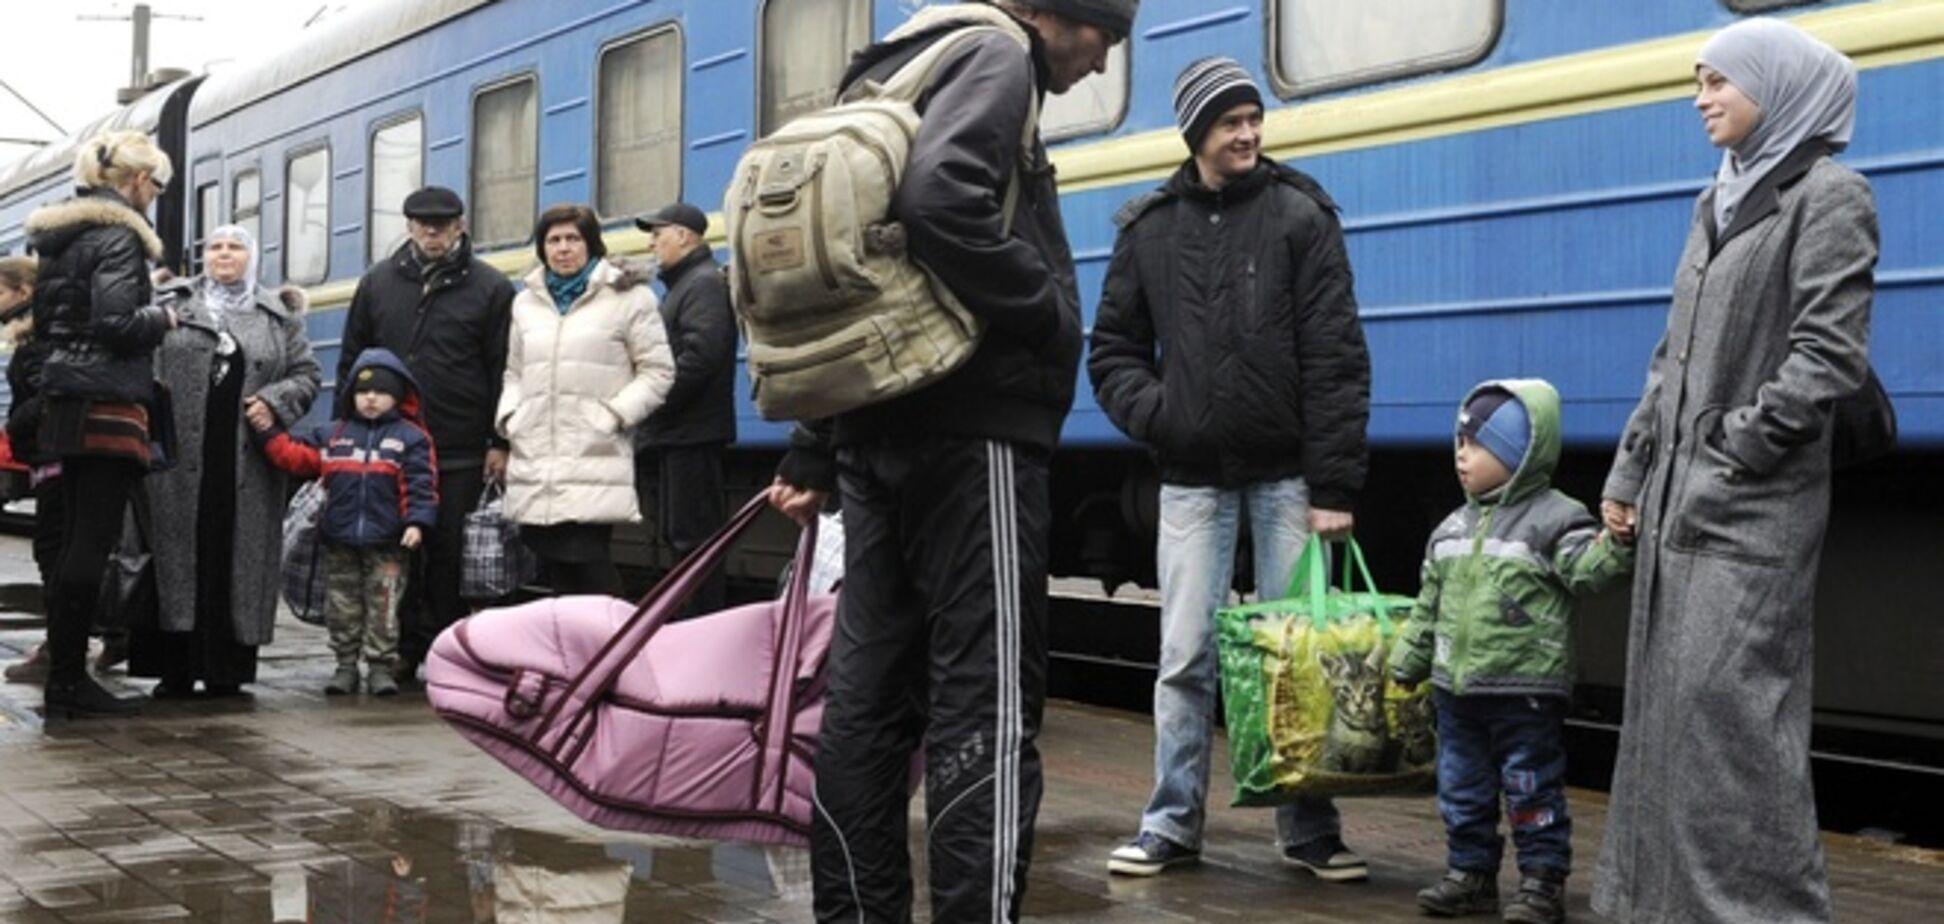 Из Крыма на материковую часть Украины выехали до 10 тыс. человек